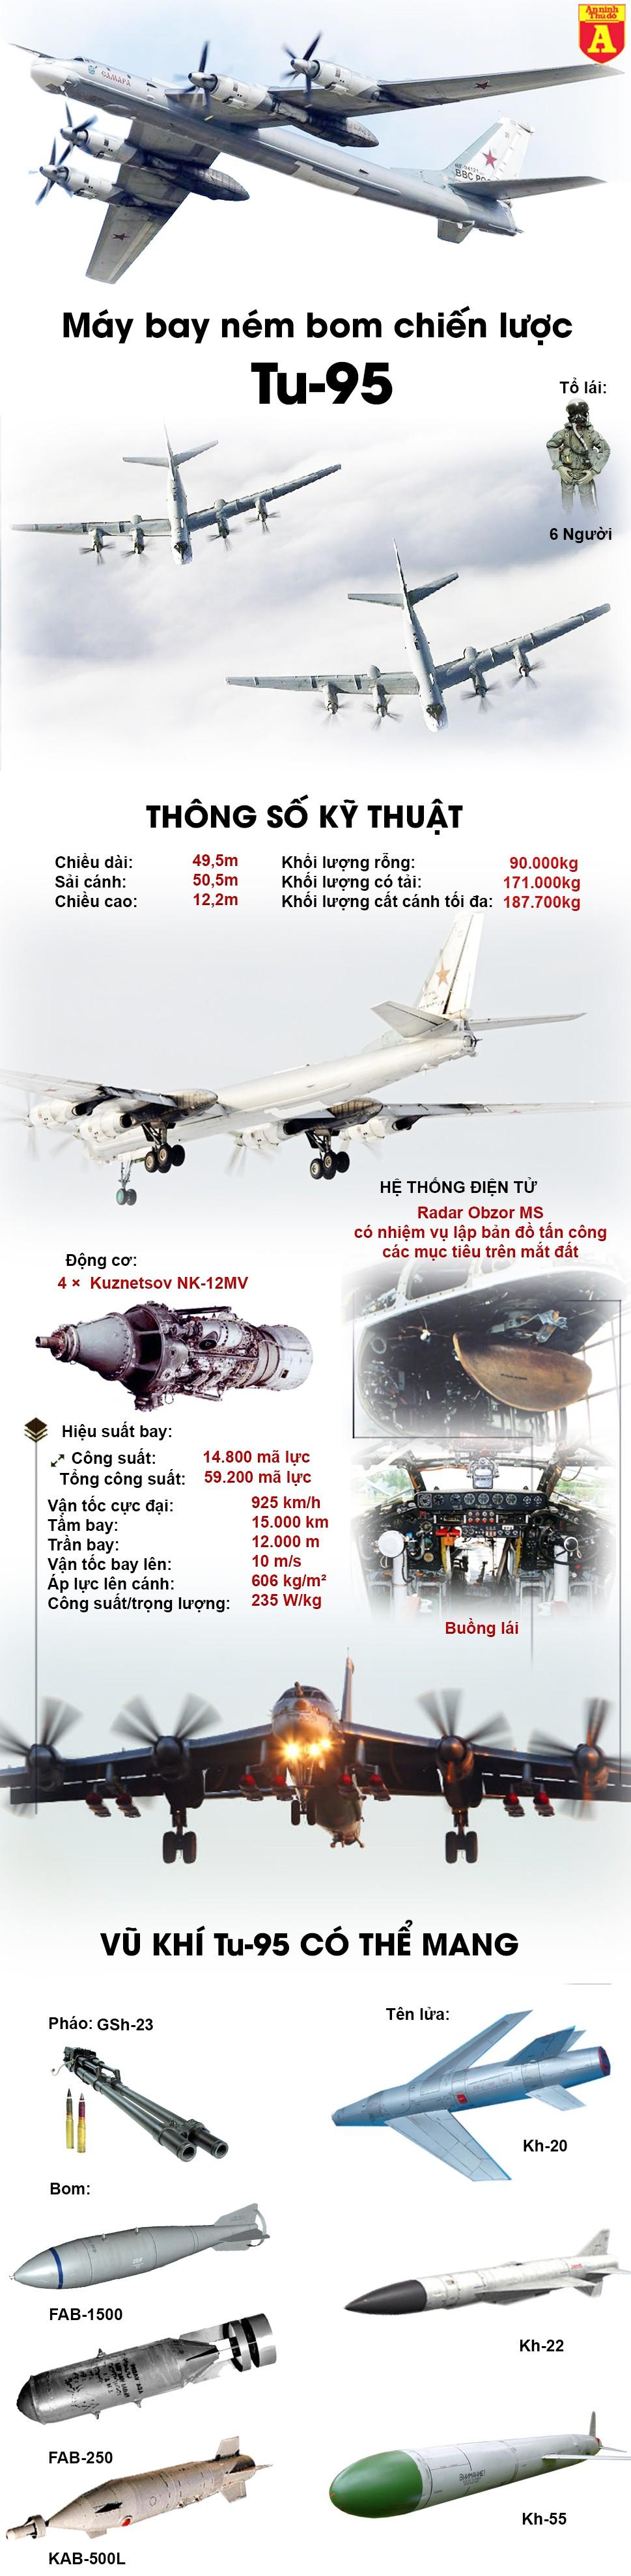 [Infographic] 'Gấu bay' Tu-95MS có gì khiến Mỹ vừa cấp tốc điều phi đội F-18 lên hộ tống? ảnh 2